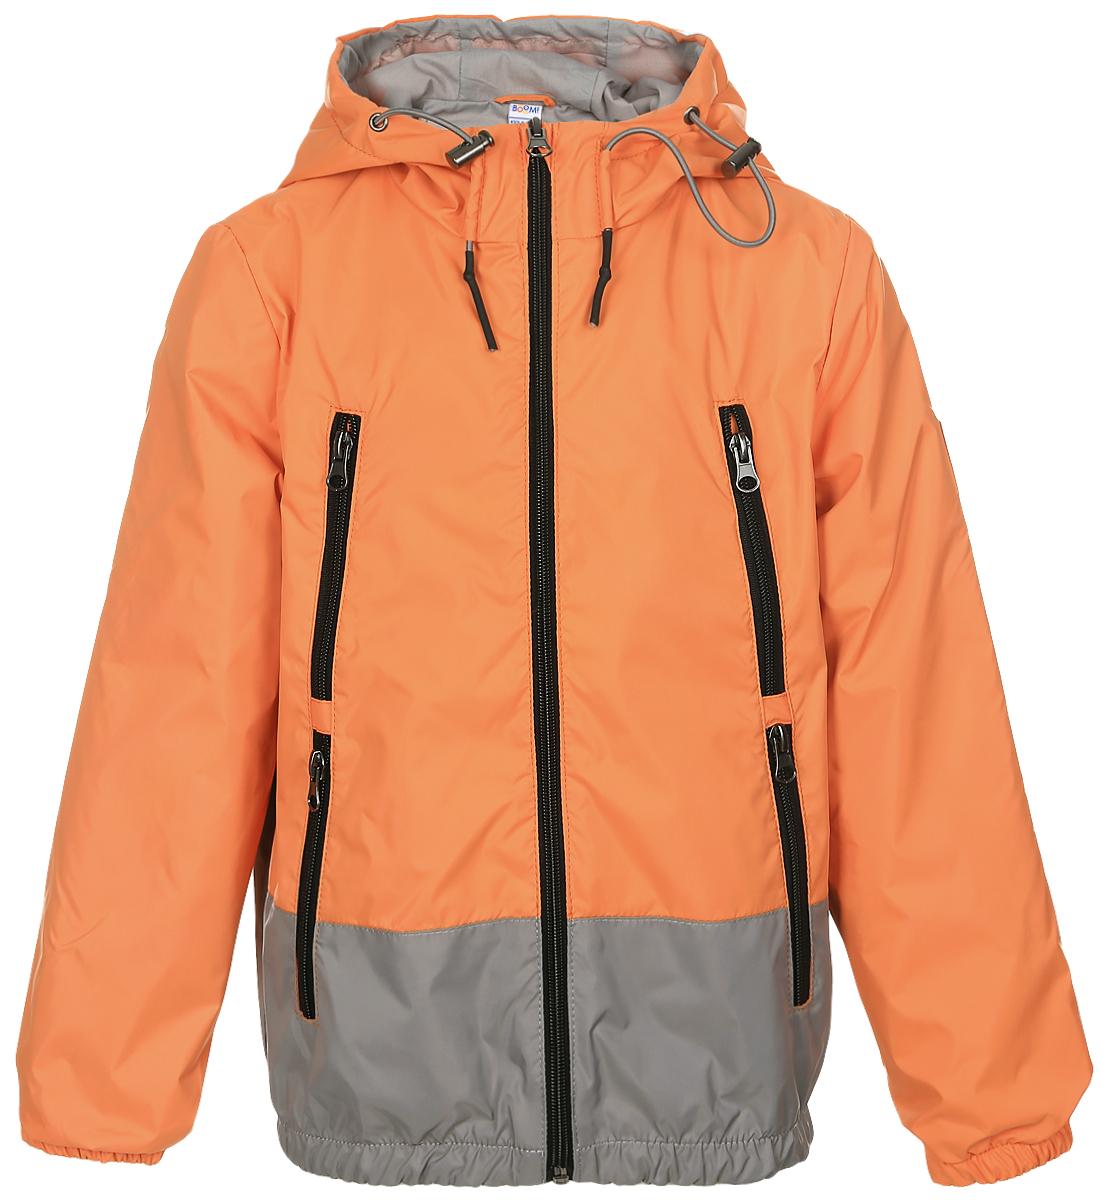 Куртка70038_BOB_вар.1Легкая куртка для мальчика Boom! c длинными рукавами и несъемным капюшоном выполнена из прочного полиэстера. Модель застегивается на застежку-молнию спереди. Объем капюшона регулируется при помощи шнурка-кулиски со стопперами. Изделие имеет четыре прорезных кармана на застежках-молниях спереди. Рукава оснащены широкими эластичными манжетами. Модель растет вместе с ребенком: специальный крой позволяет при необходимости увеличить длину рукавов на один размер.